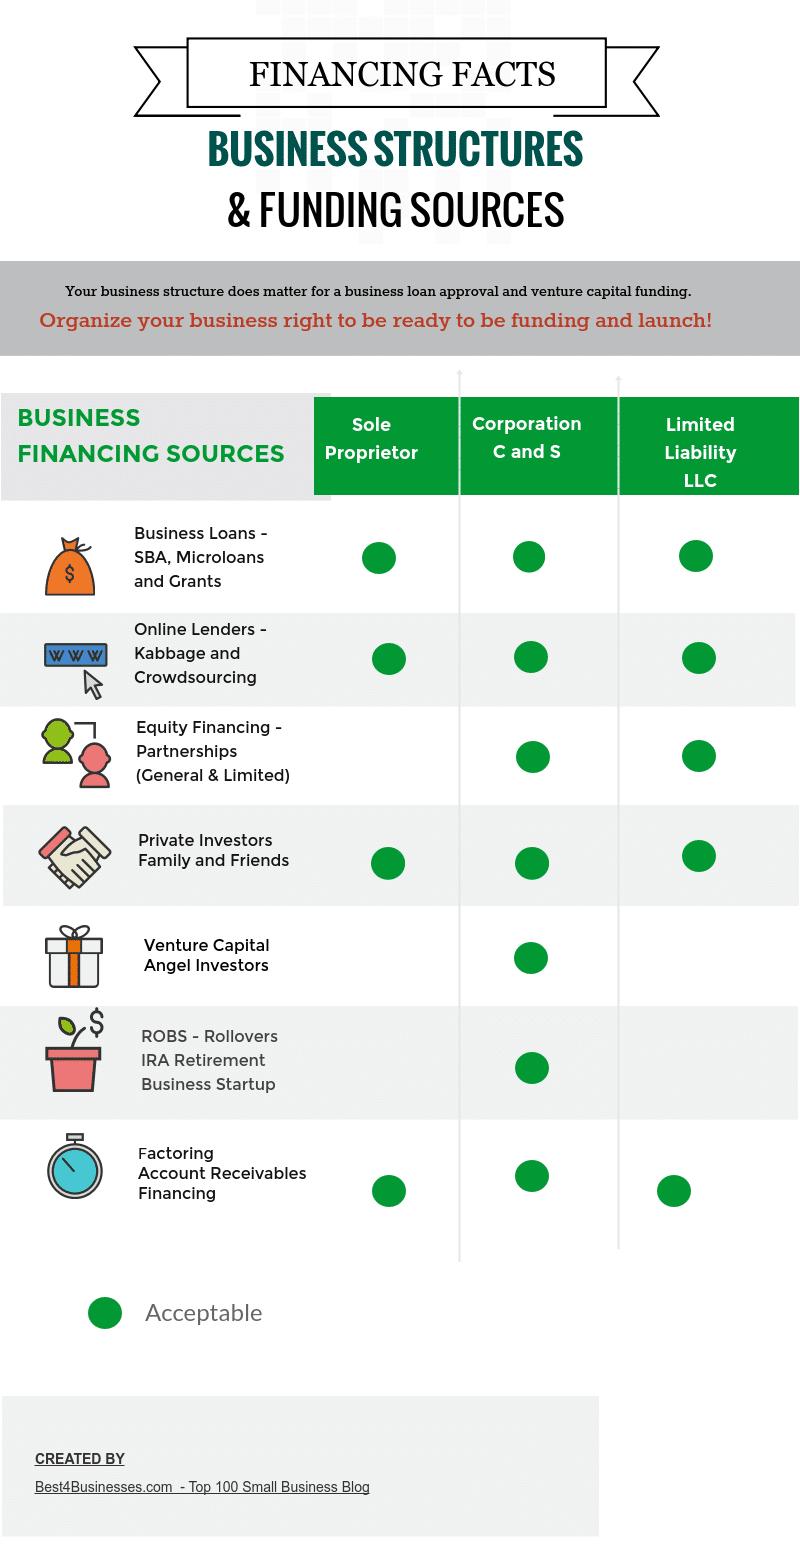 üzleti struktúra finanszírozása